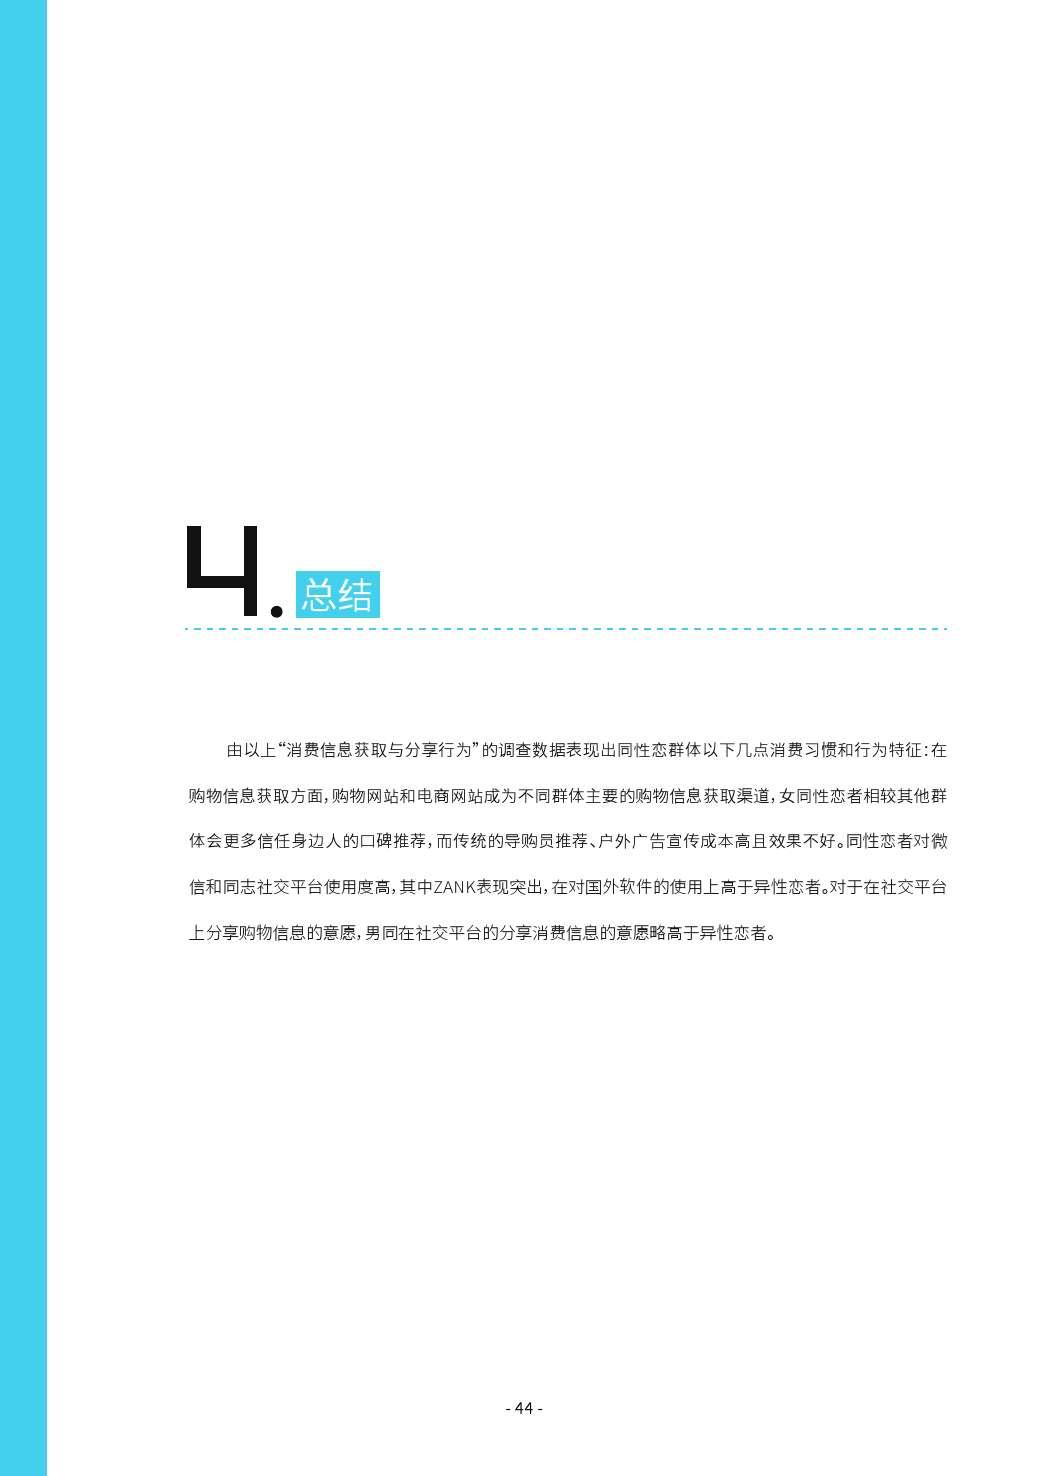 第二届中国LGBT群体消费调查报告_000044